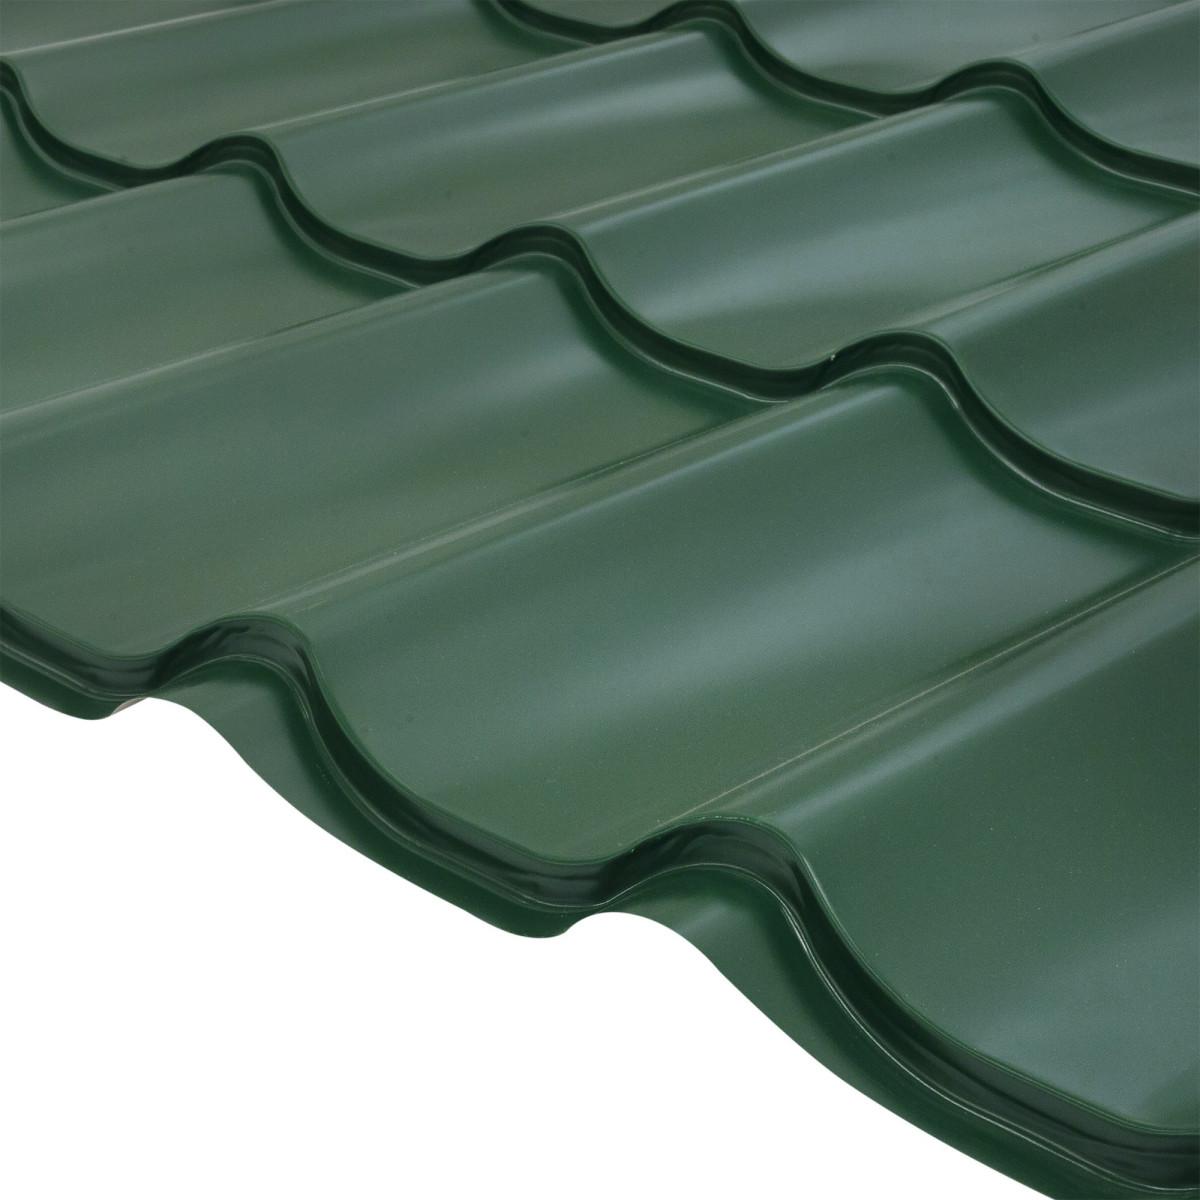 Лист металлочерепицы с полиэстеровым покрытием 6-волновый зеленый